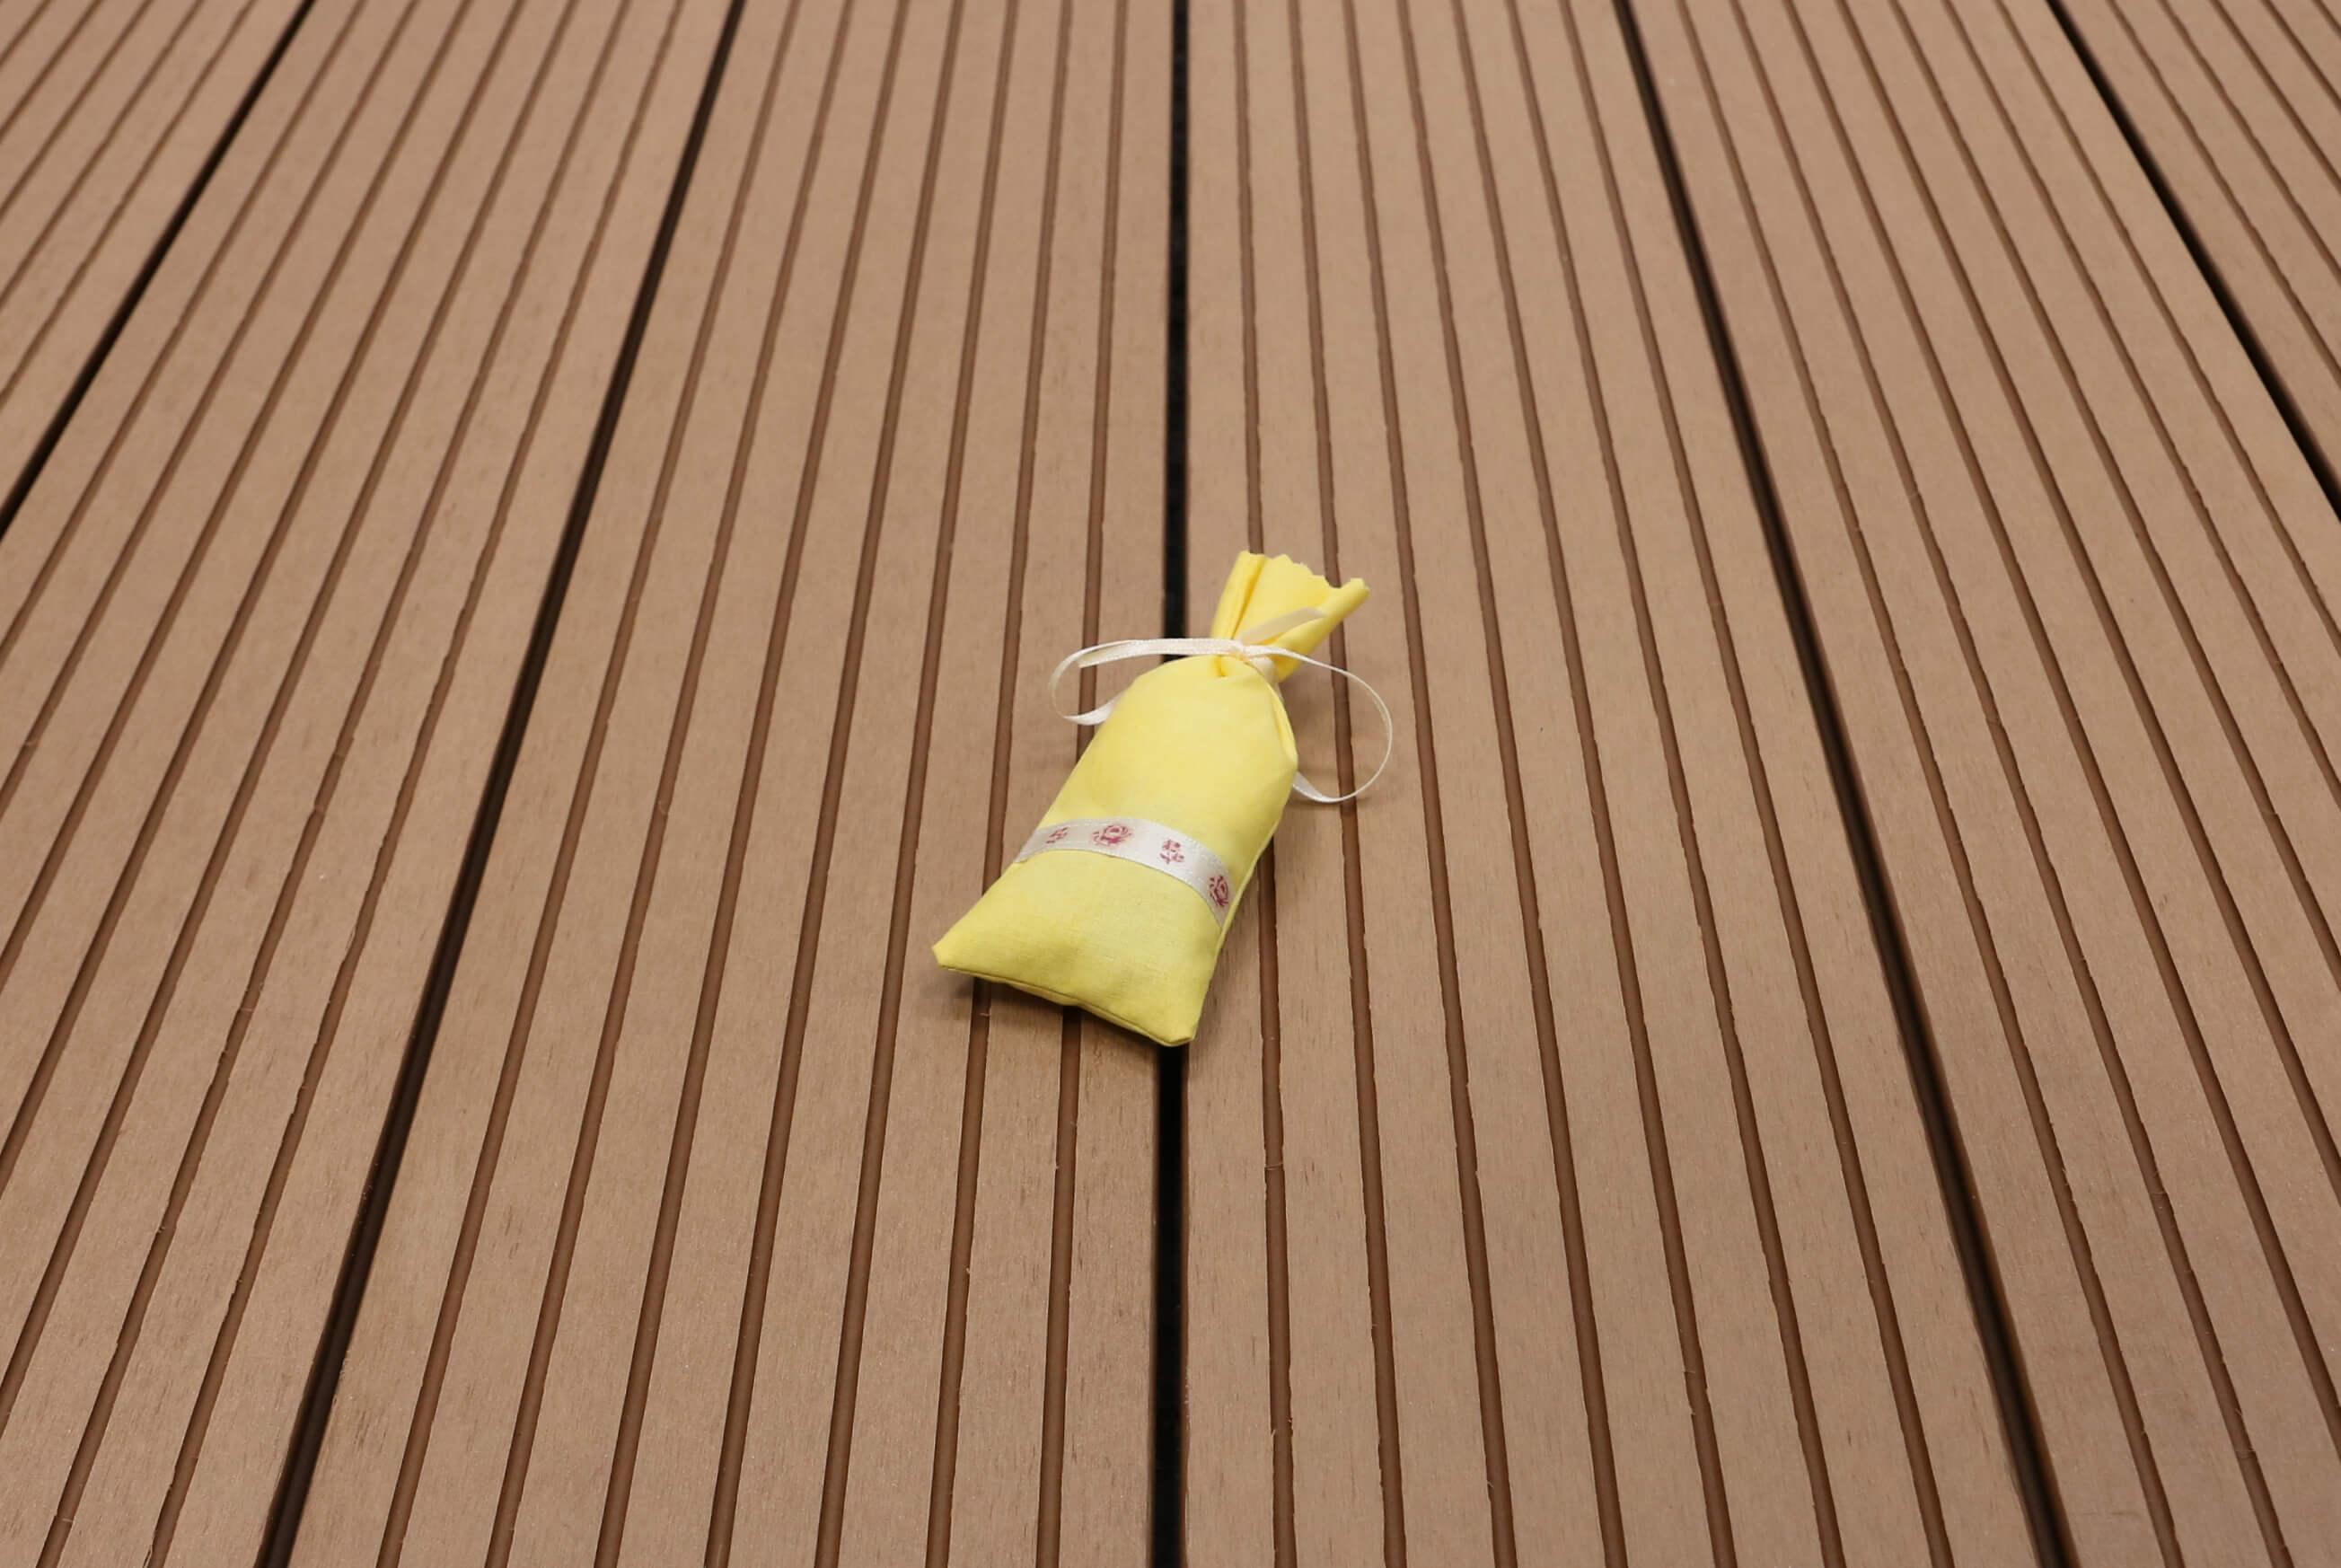 WPC Terrassendielen massiv, Oberfläche grob genutet, Farbton hellbraun, 22 x 143 bis 4800 mm für 7,90 €/lfm